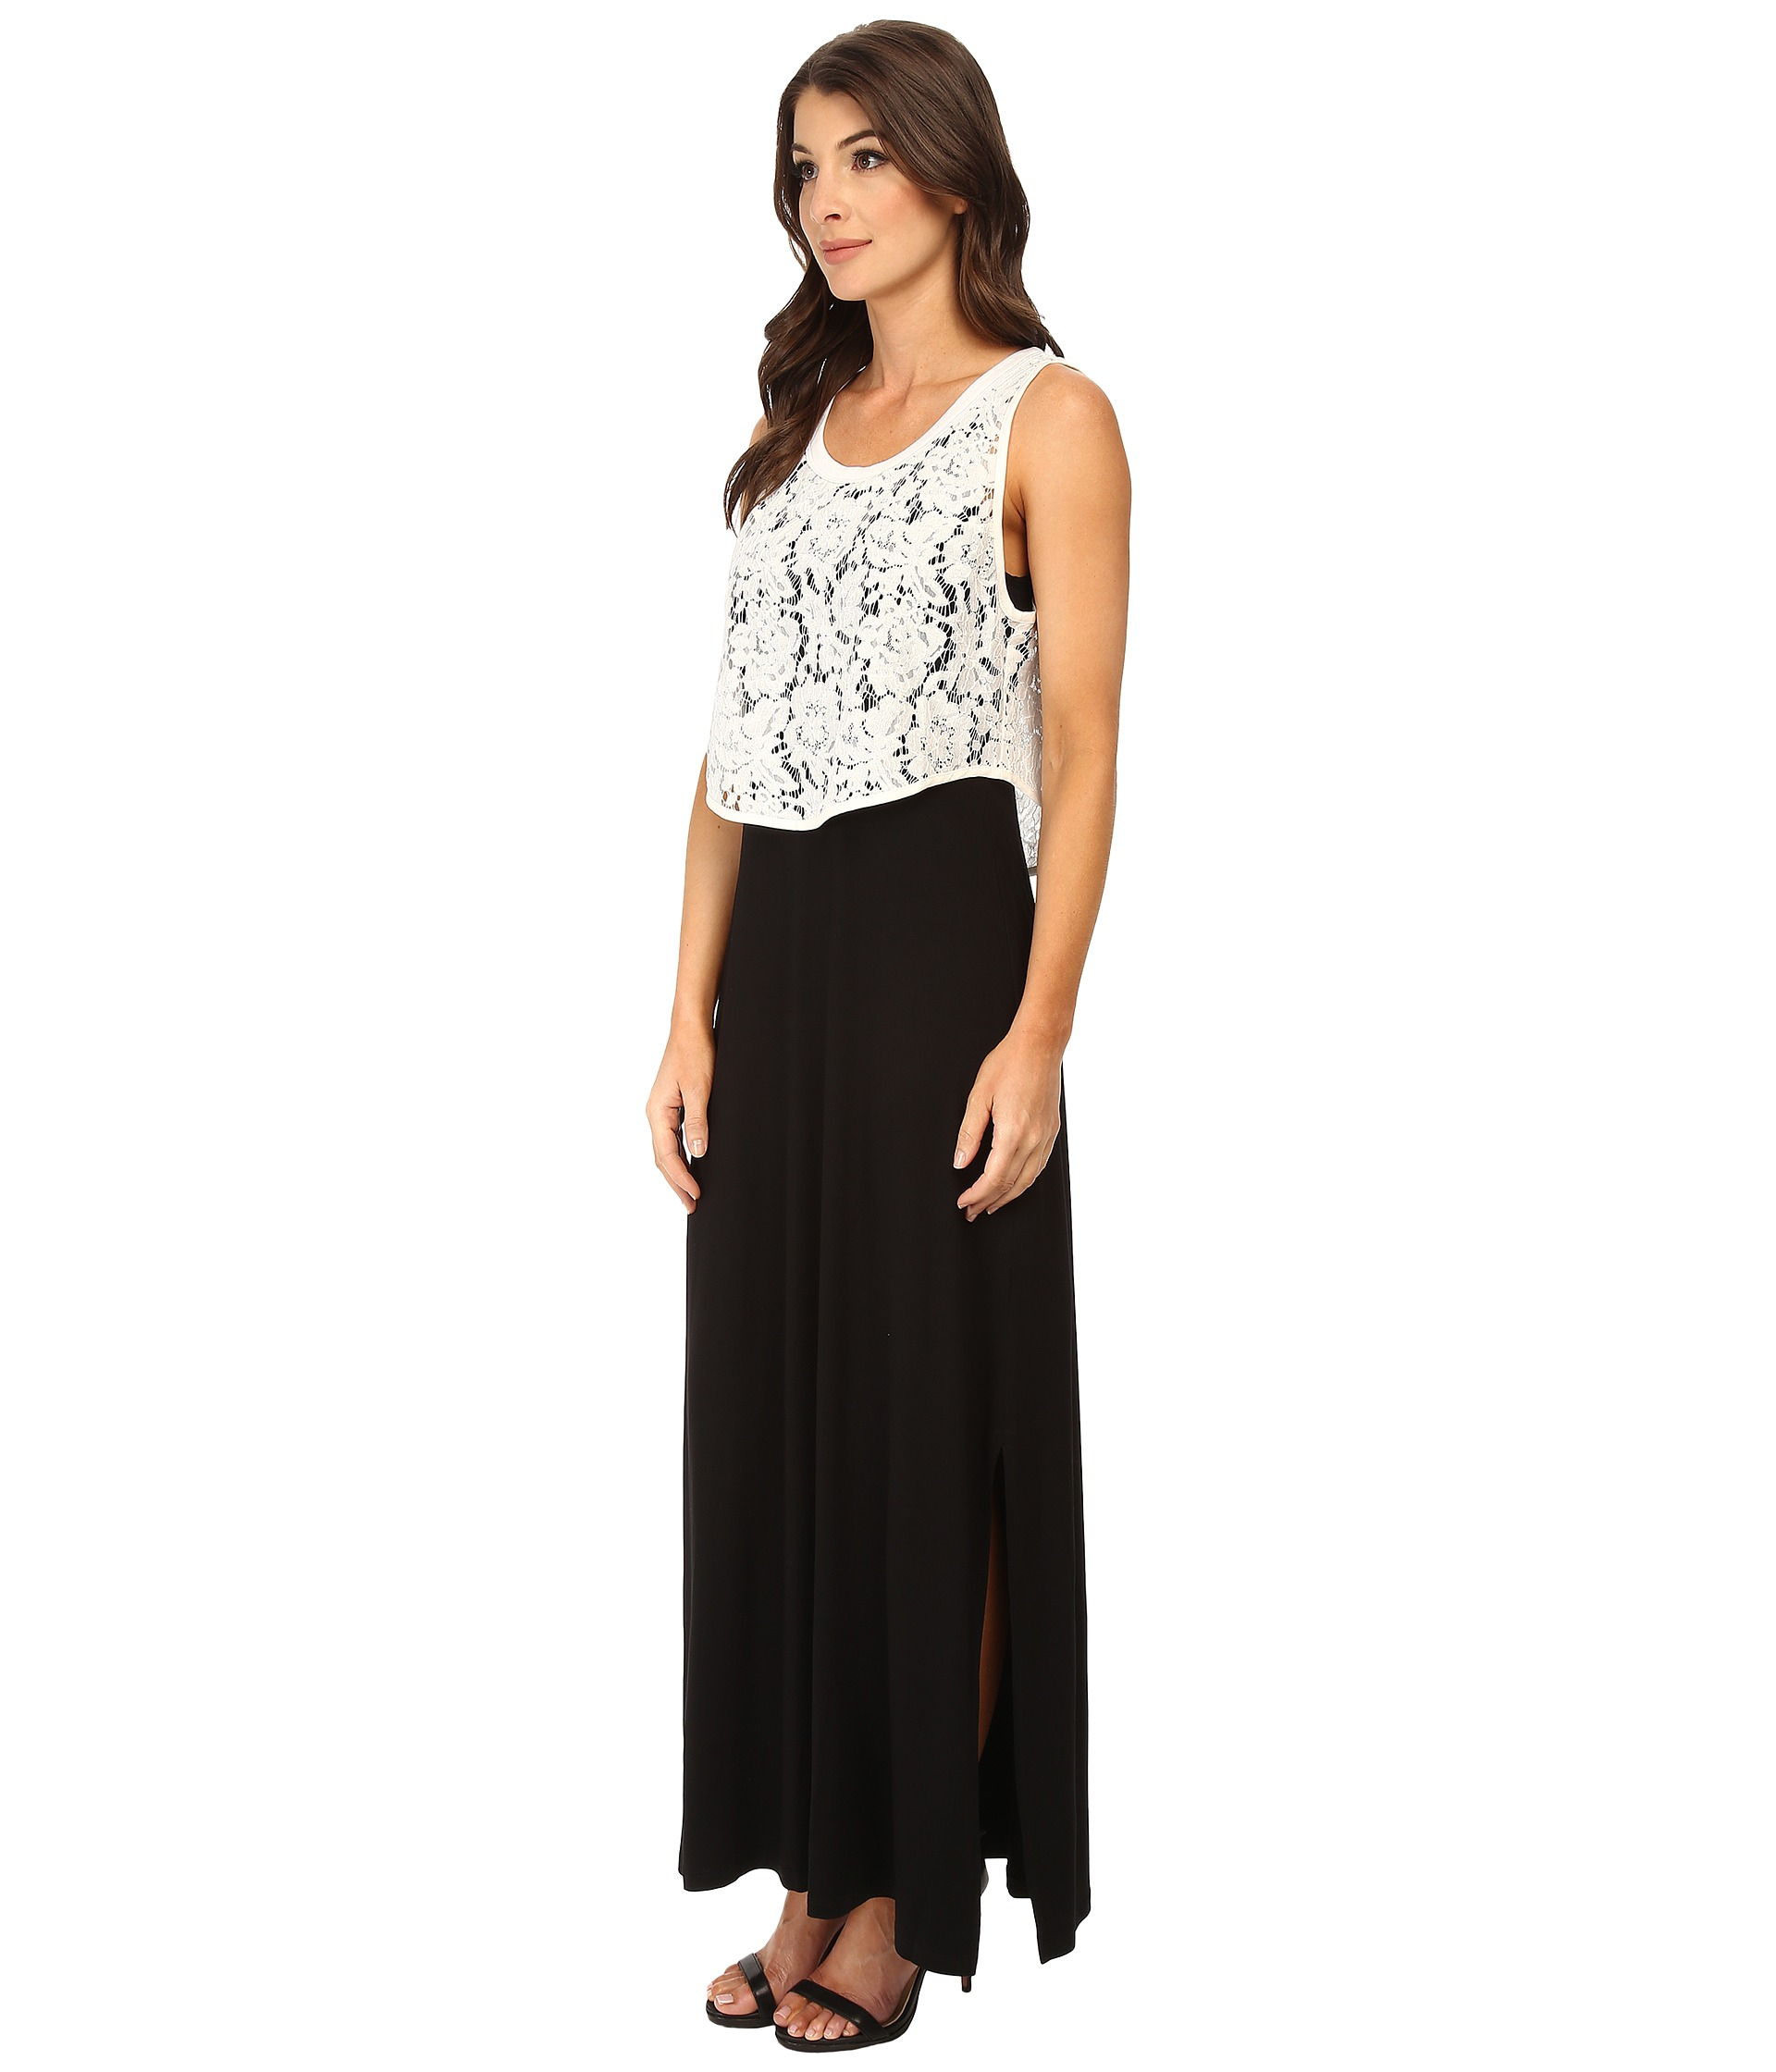 Karen kane Lace Top Maxi Dress in Black | Lyst